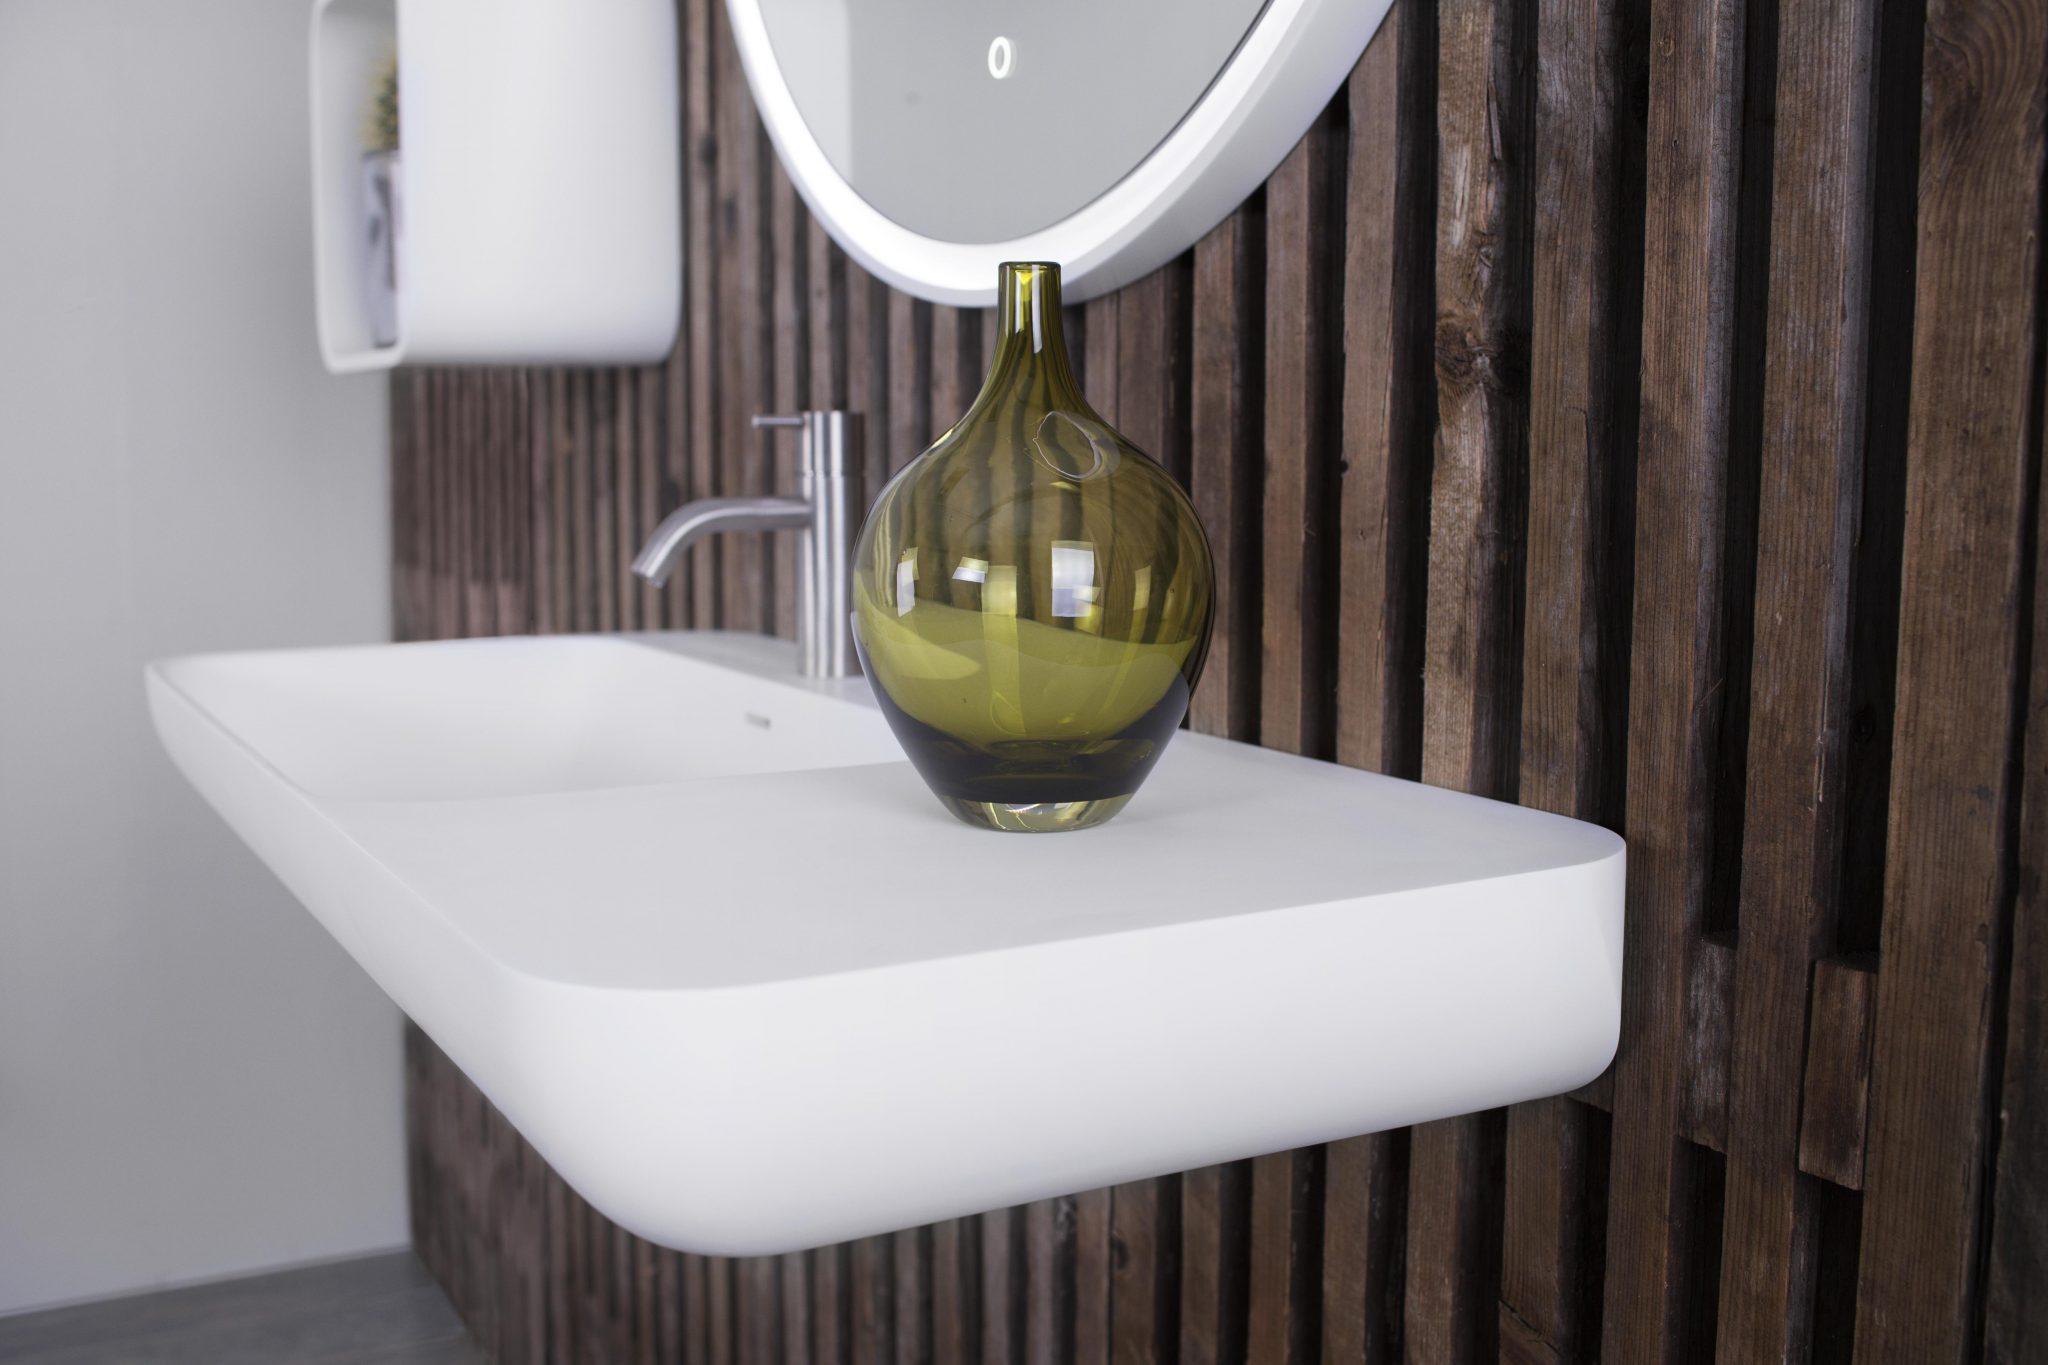 en-90-left-wash-basin-from-copenhagen-bath_27145668411_o